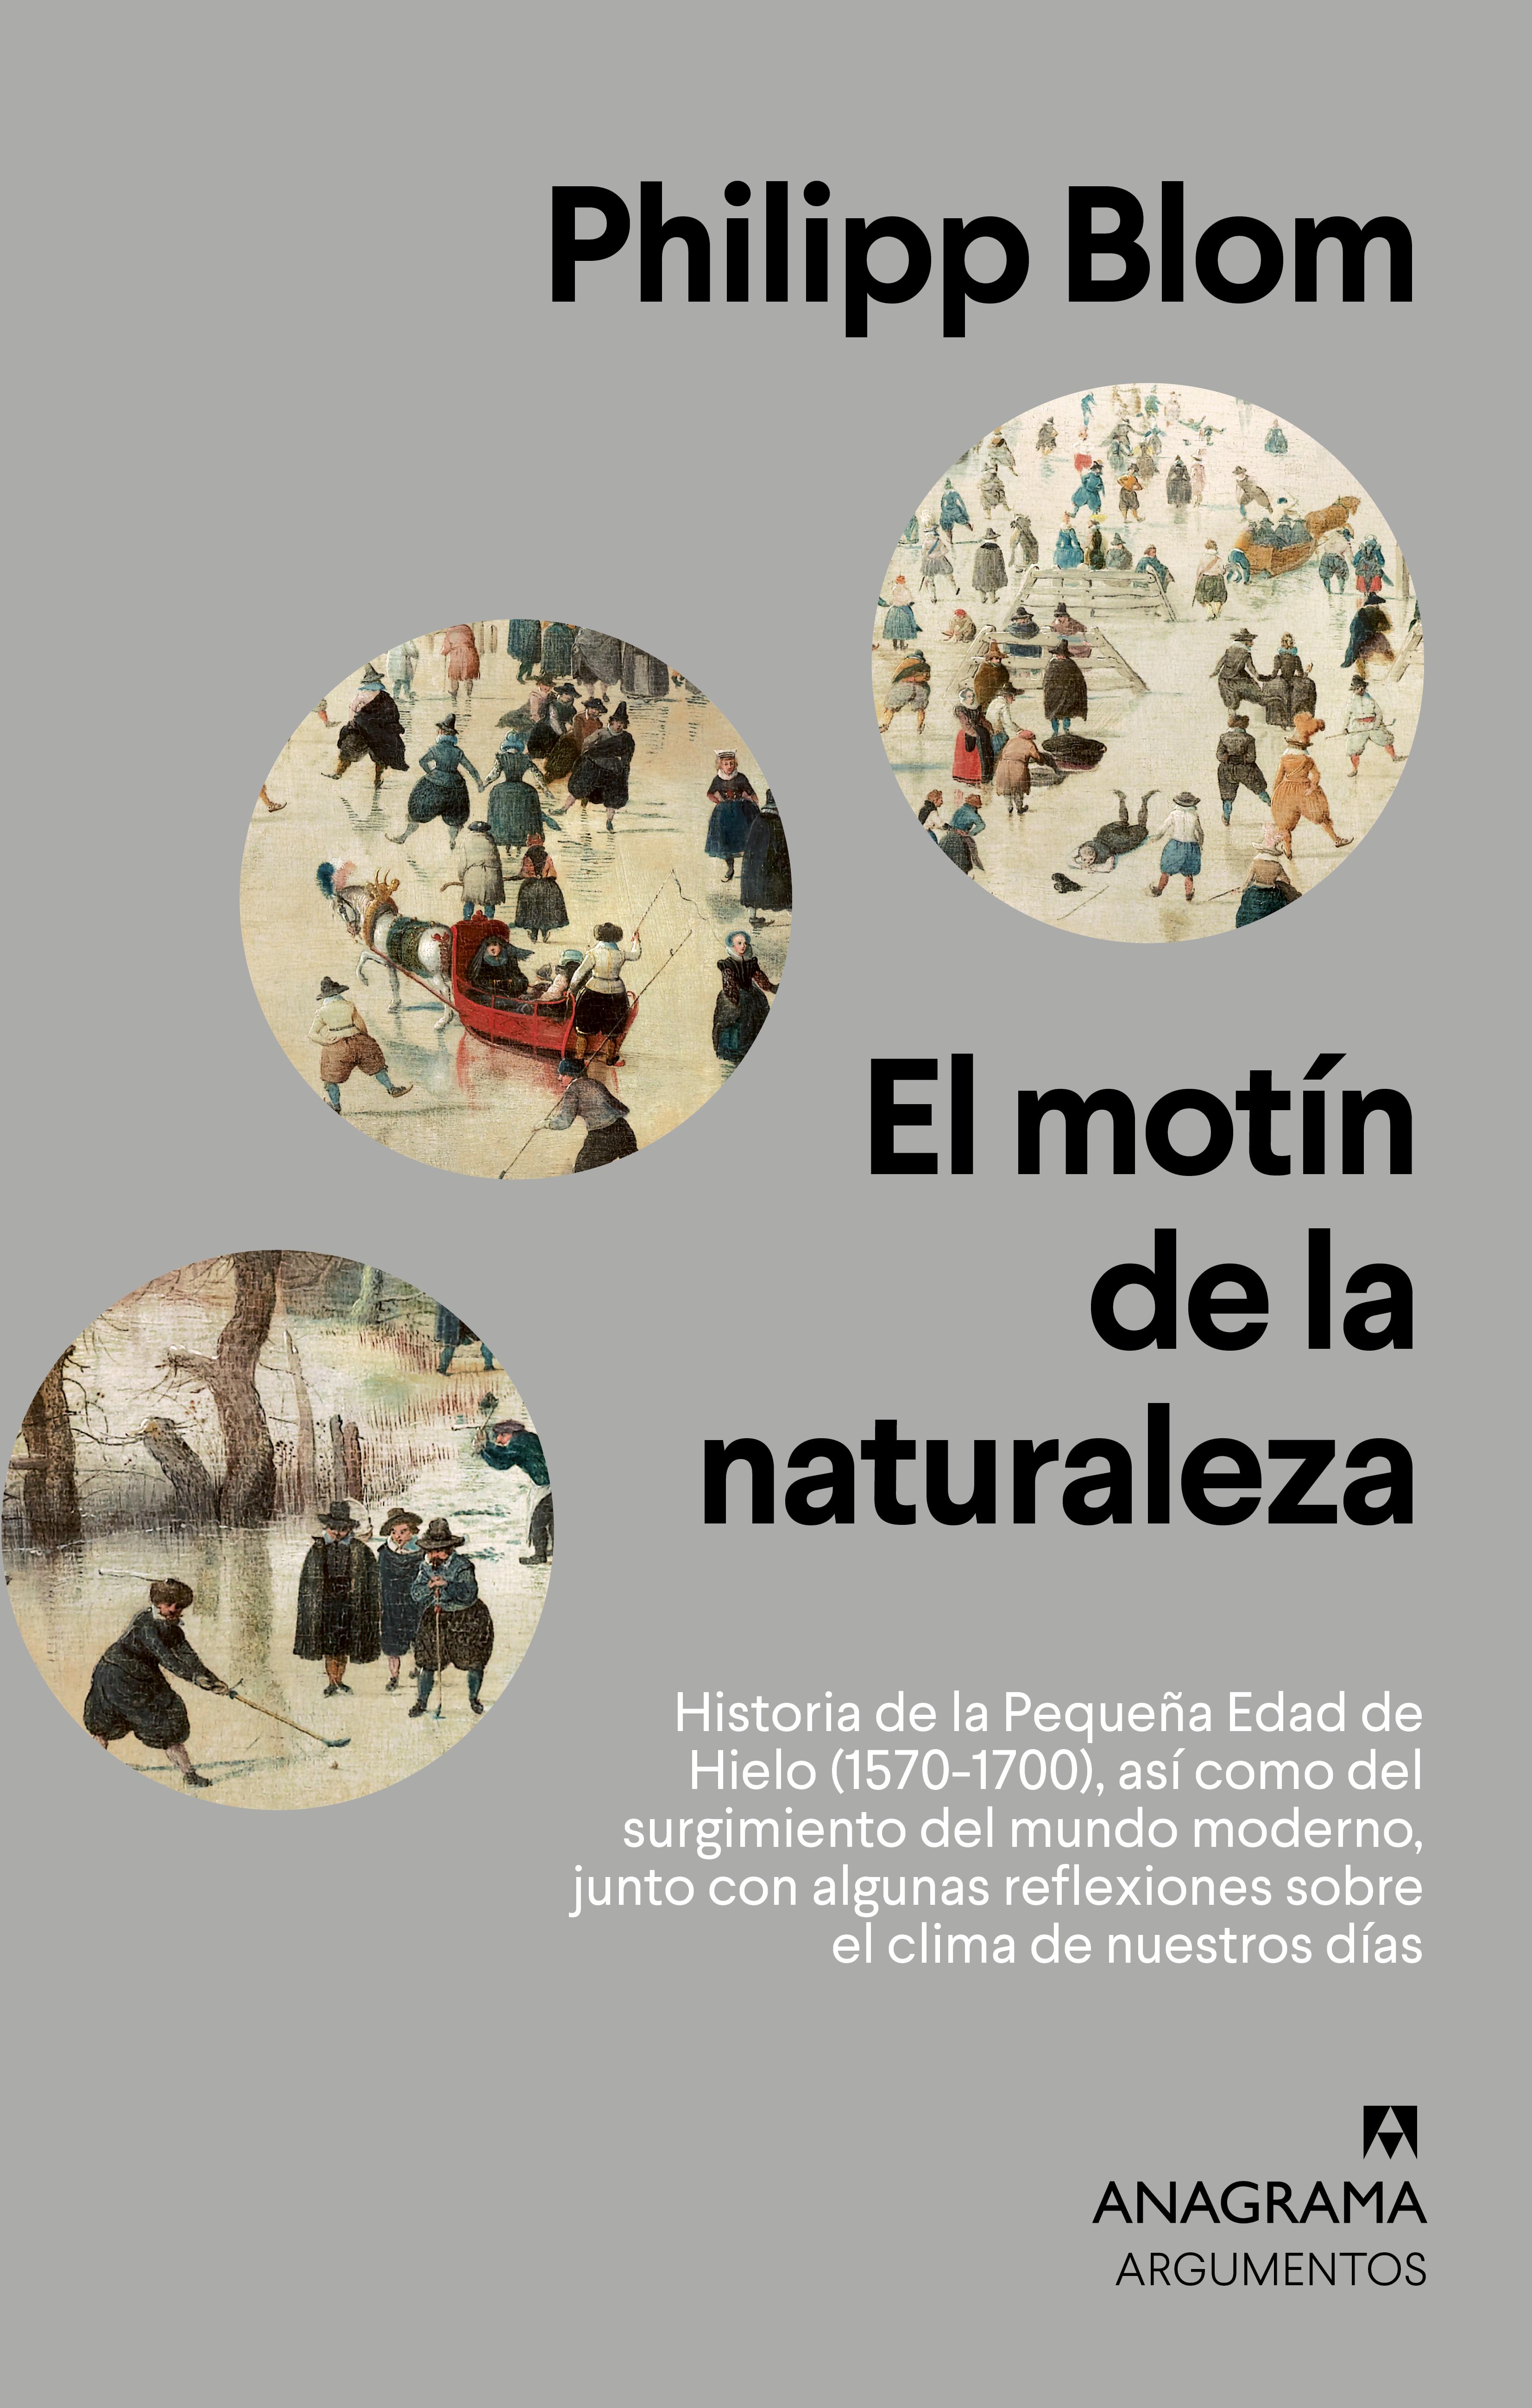 EL MOTIN DE LA NATURALEZA, de Philipp Blom